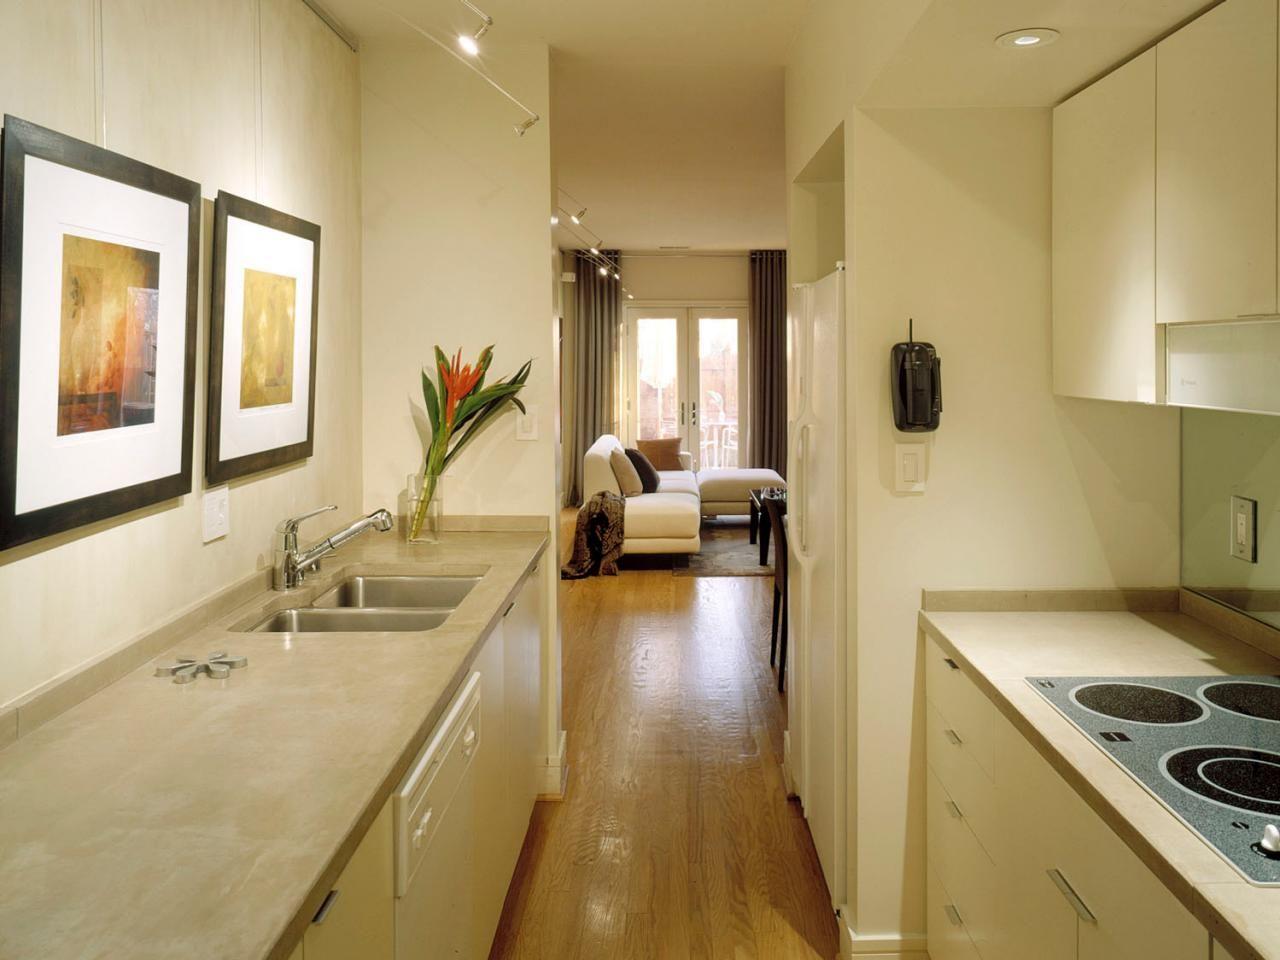 Galley Kitchen Designs | Galley style kitchen, Galley kitchens and ...